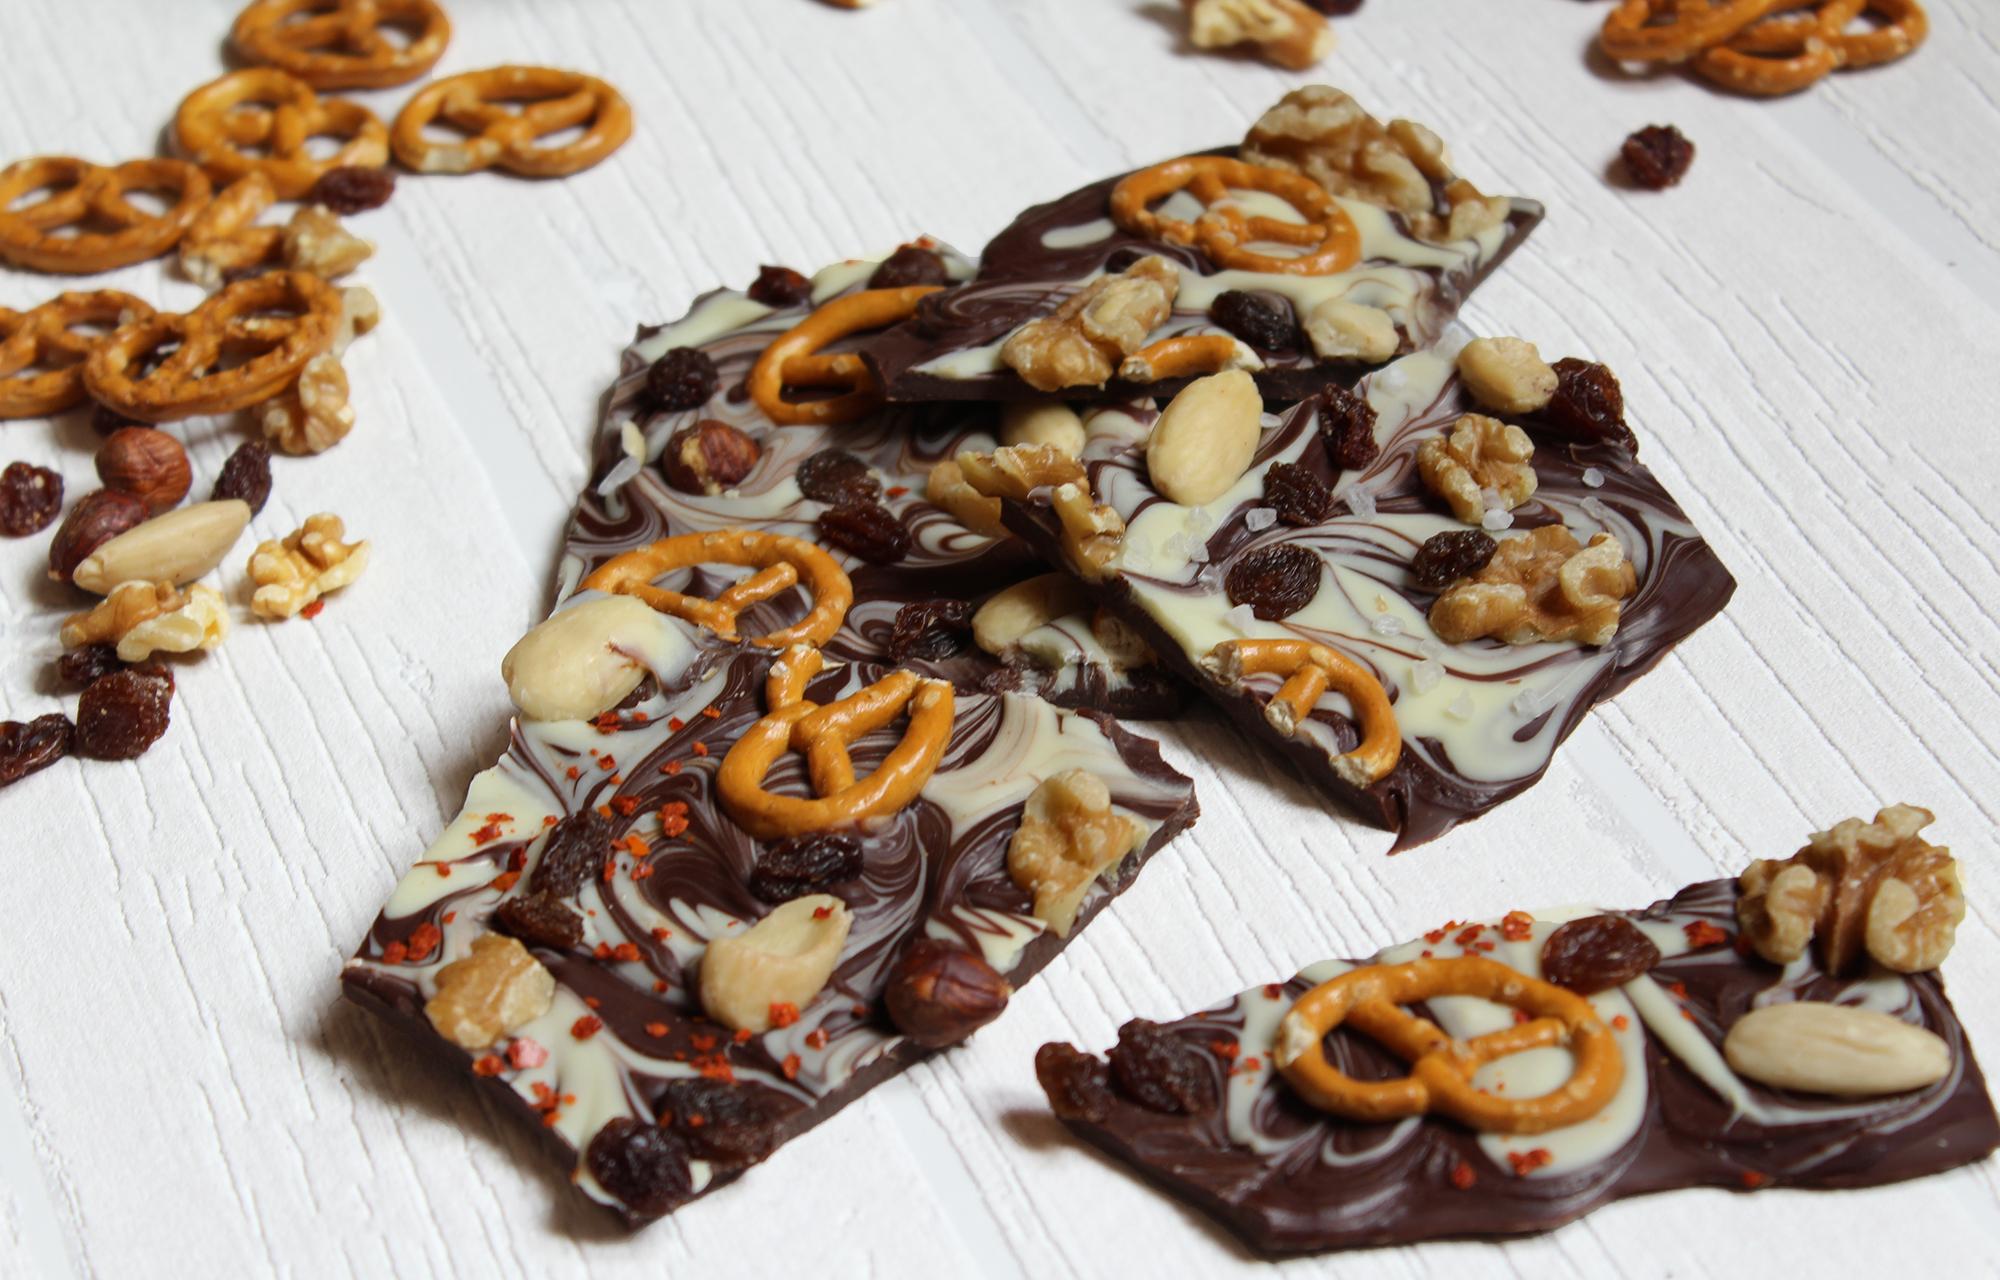 Bruch-Schokolade selber machen – Süße Geschenkidee zu Weihnachten